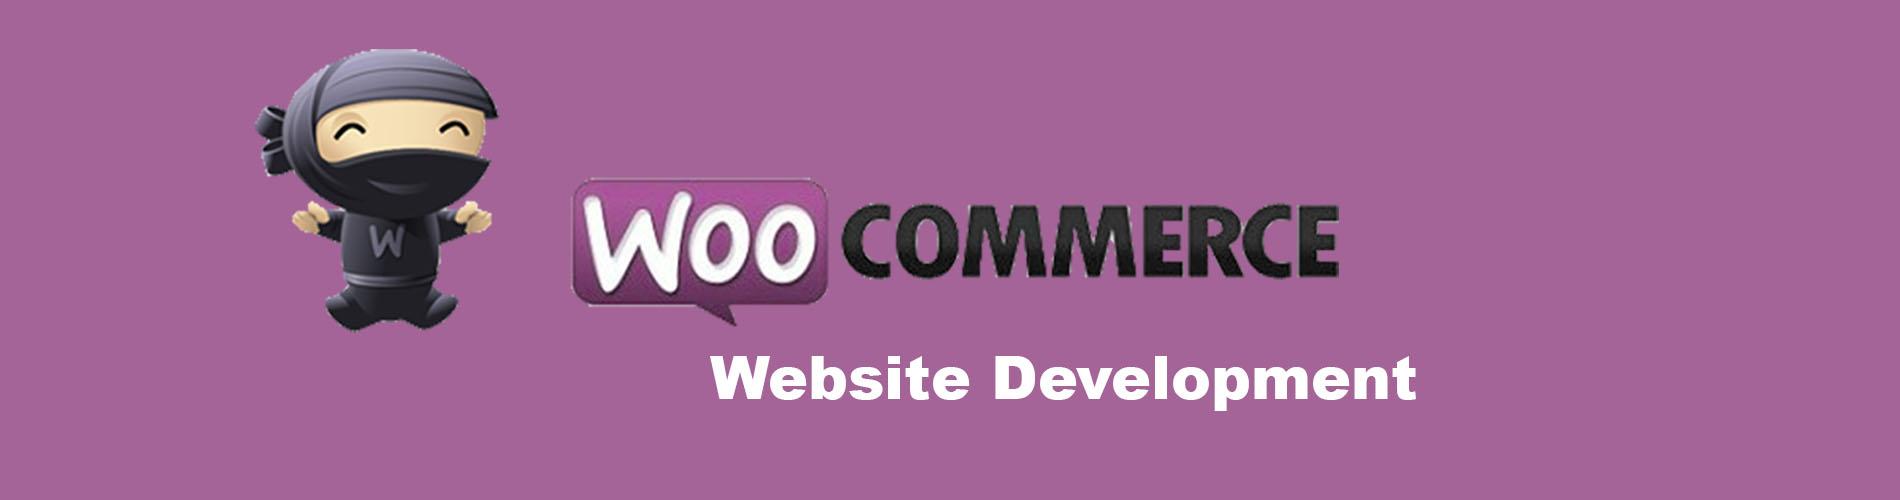 woo-commerce-website-development-company